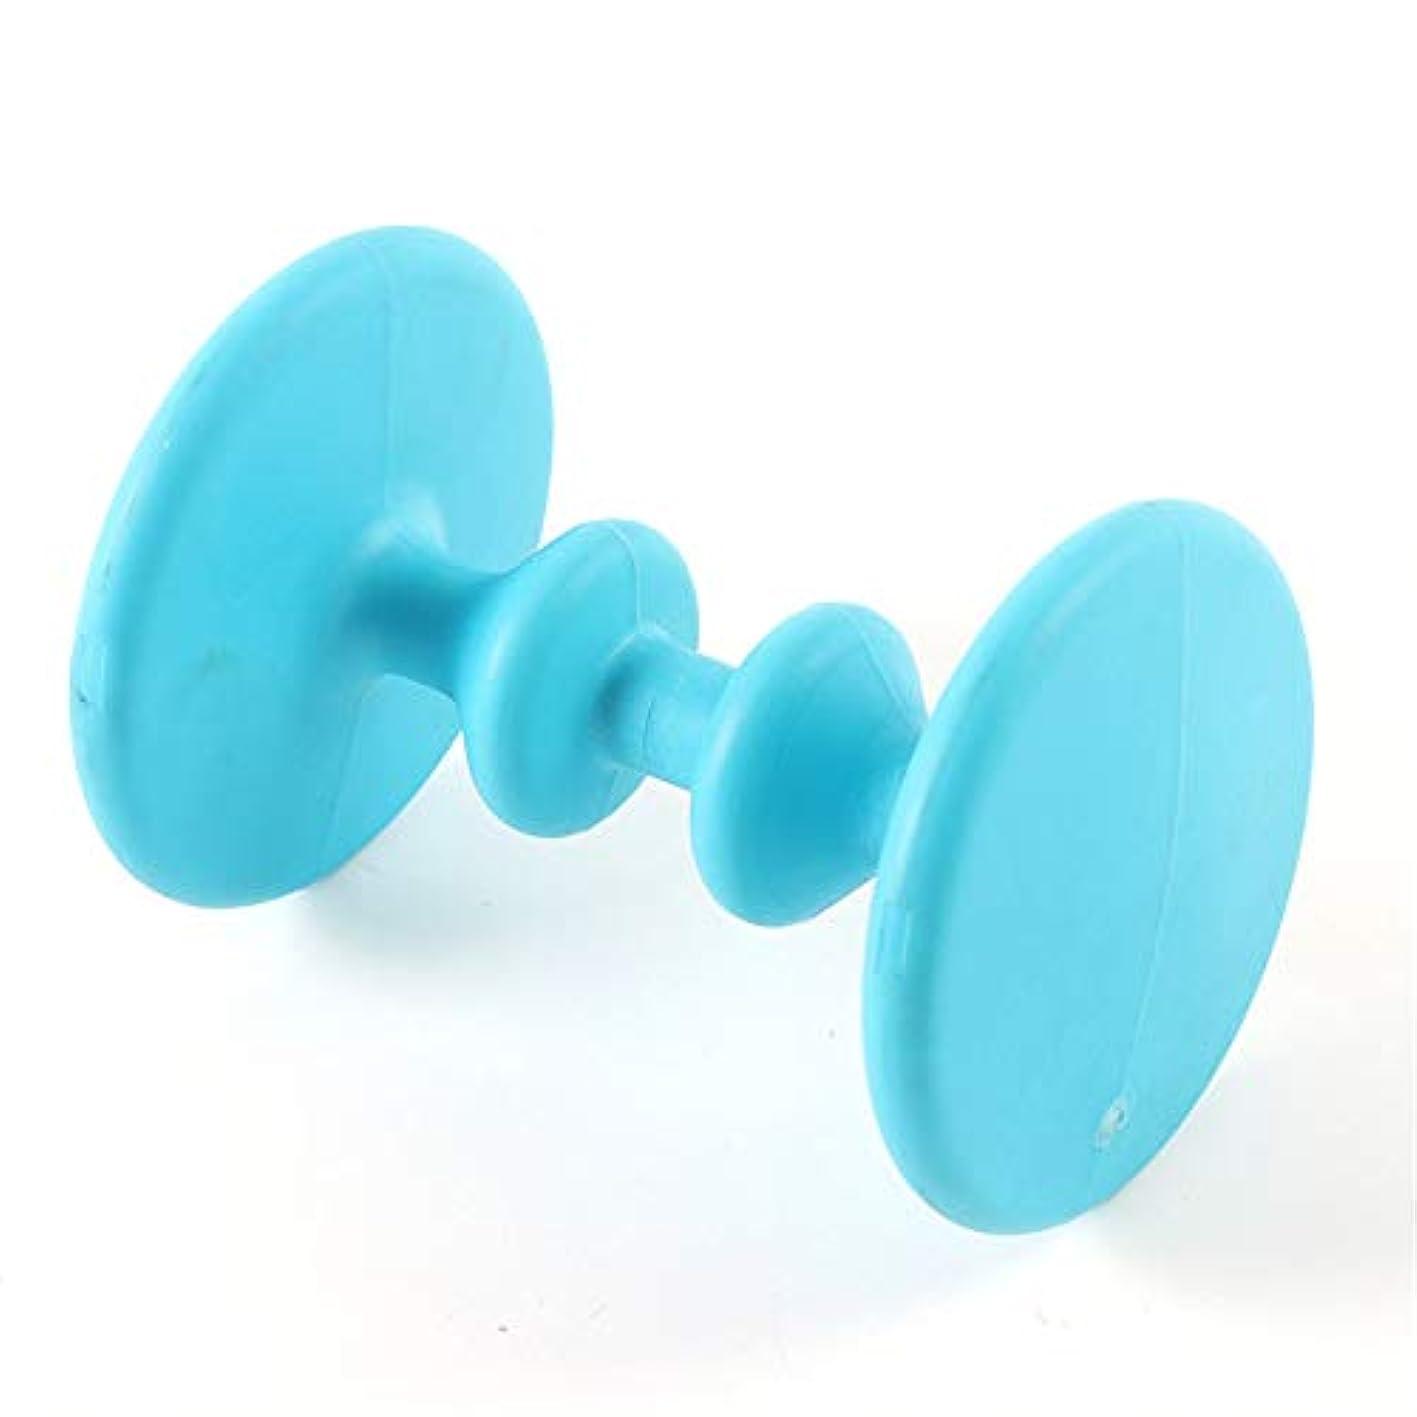 皿軽蔑貢献フットマッサージローラー、Acupointの快適なリラクゼーションツールフットストレスリリーフ、回復と痛みの緩和に最適、ディープティッシュマッサージ,ブルー